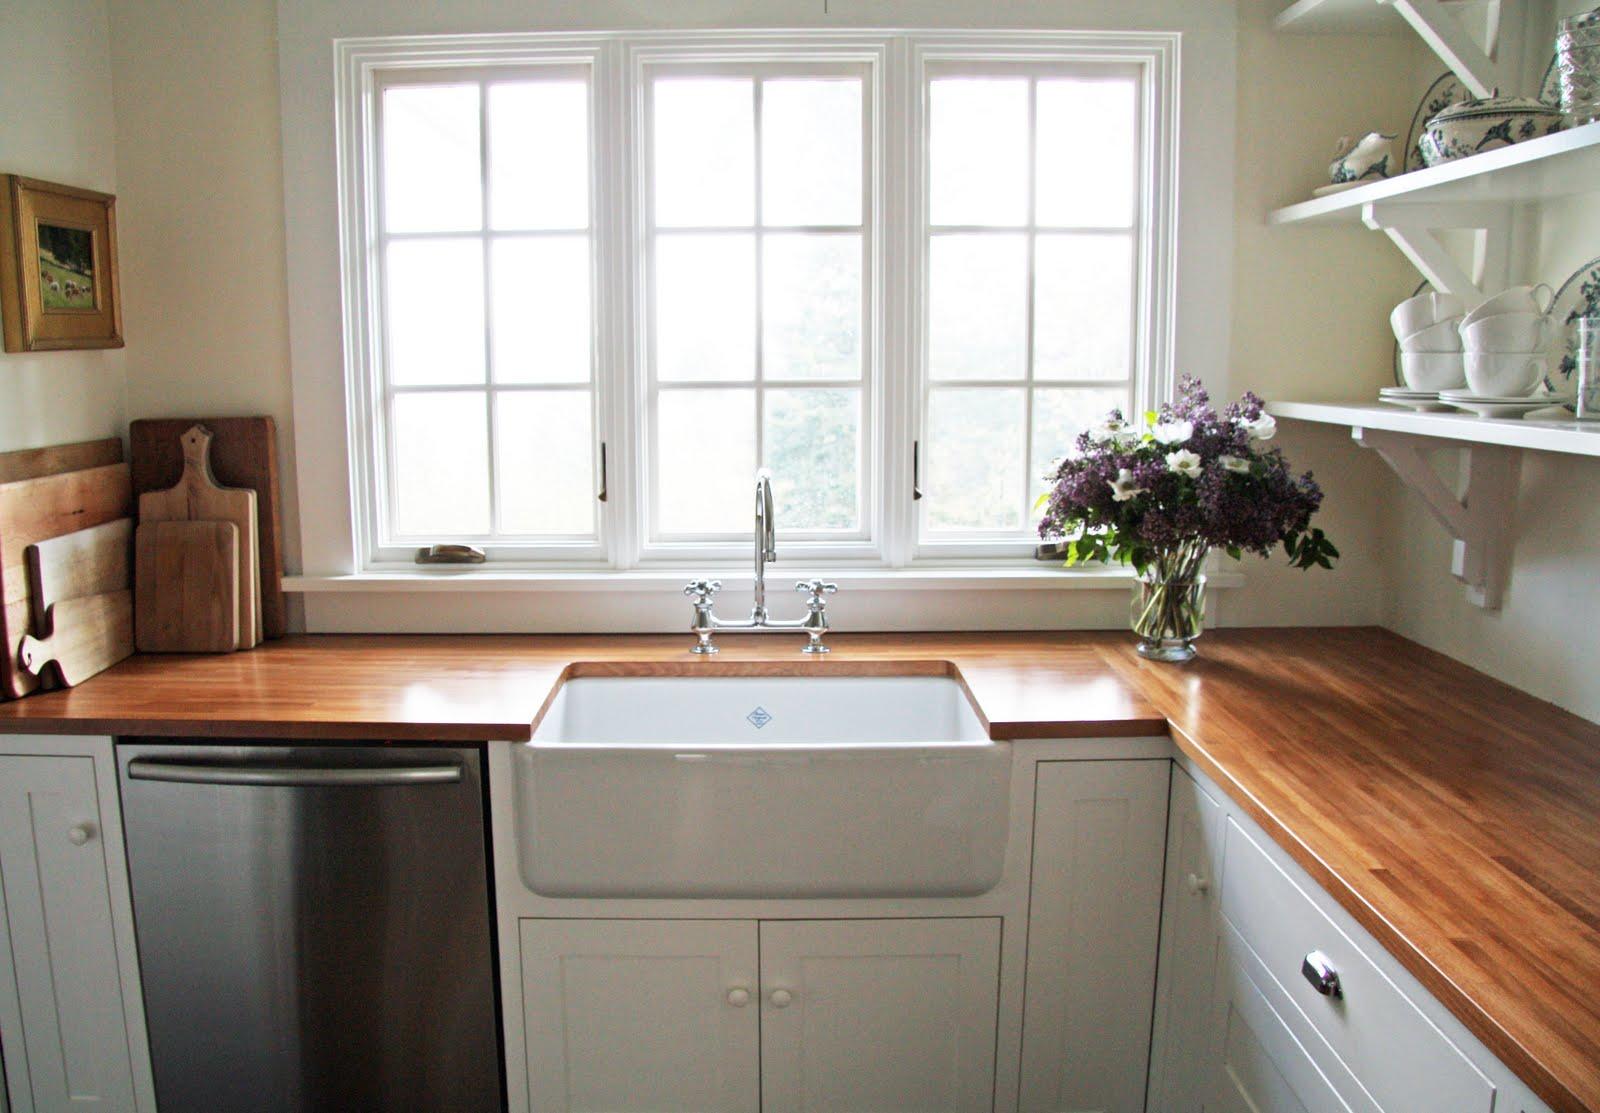 Деревянные кухонные столешницы из полированного дерева- фото 3